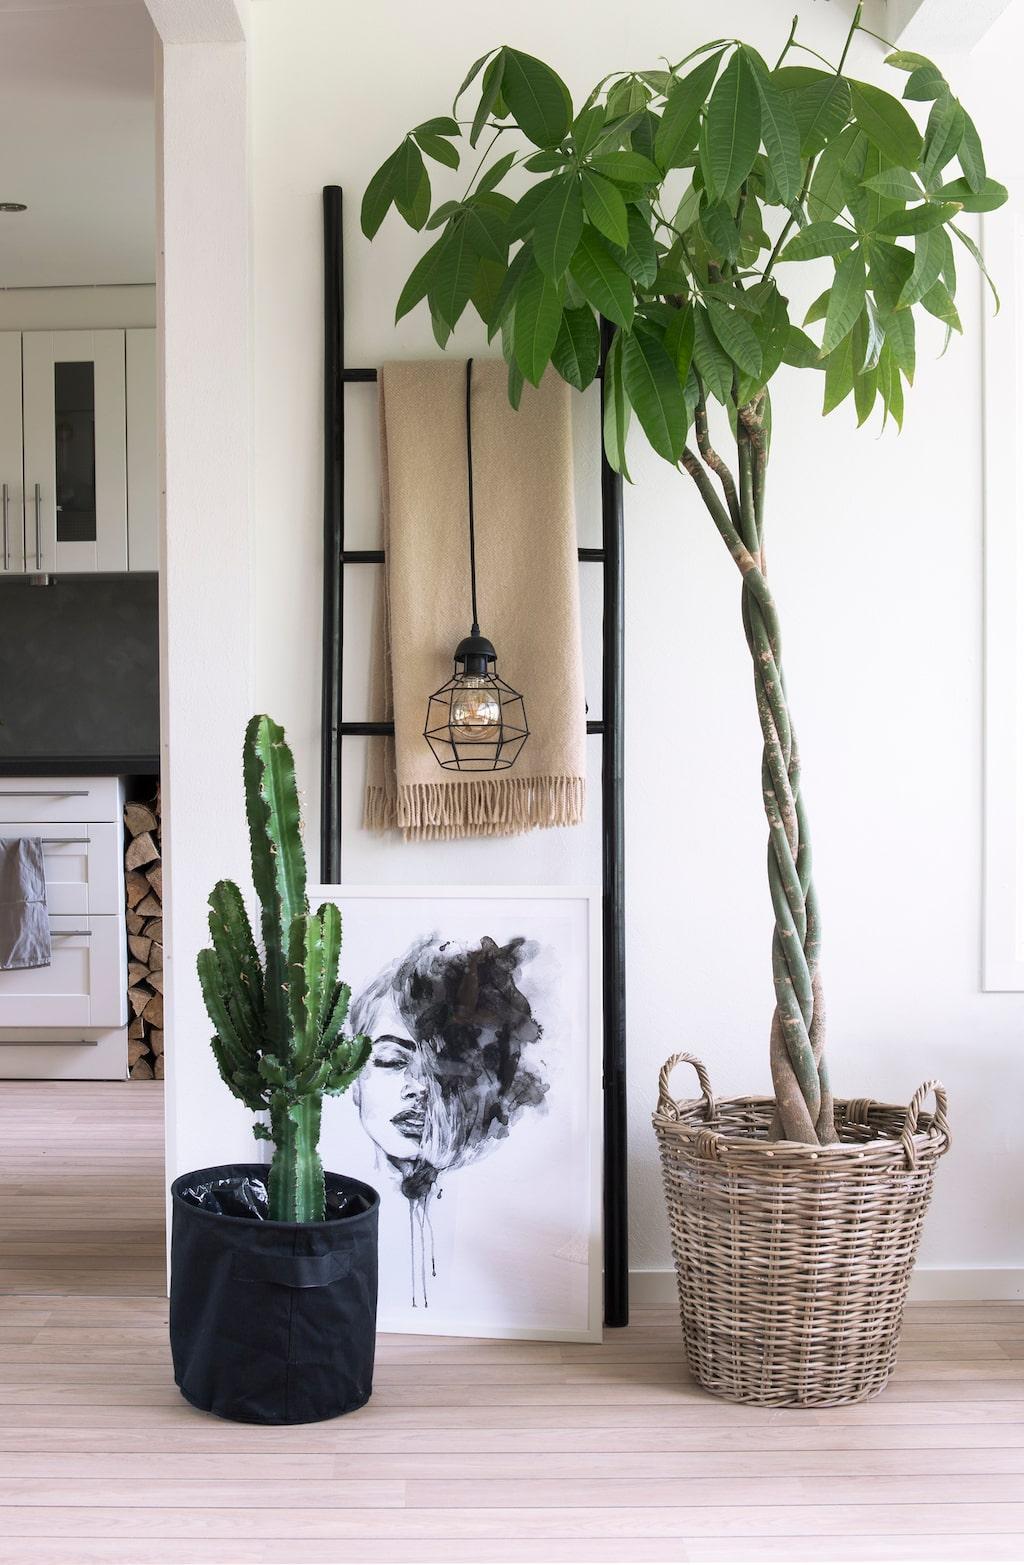 Kaktus & kastanj. Kaktus och strandkastanj tillsammans med print från Pinly.se, stege från ÖoB och en pläd köpt på Erikshjälpen.